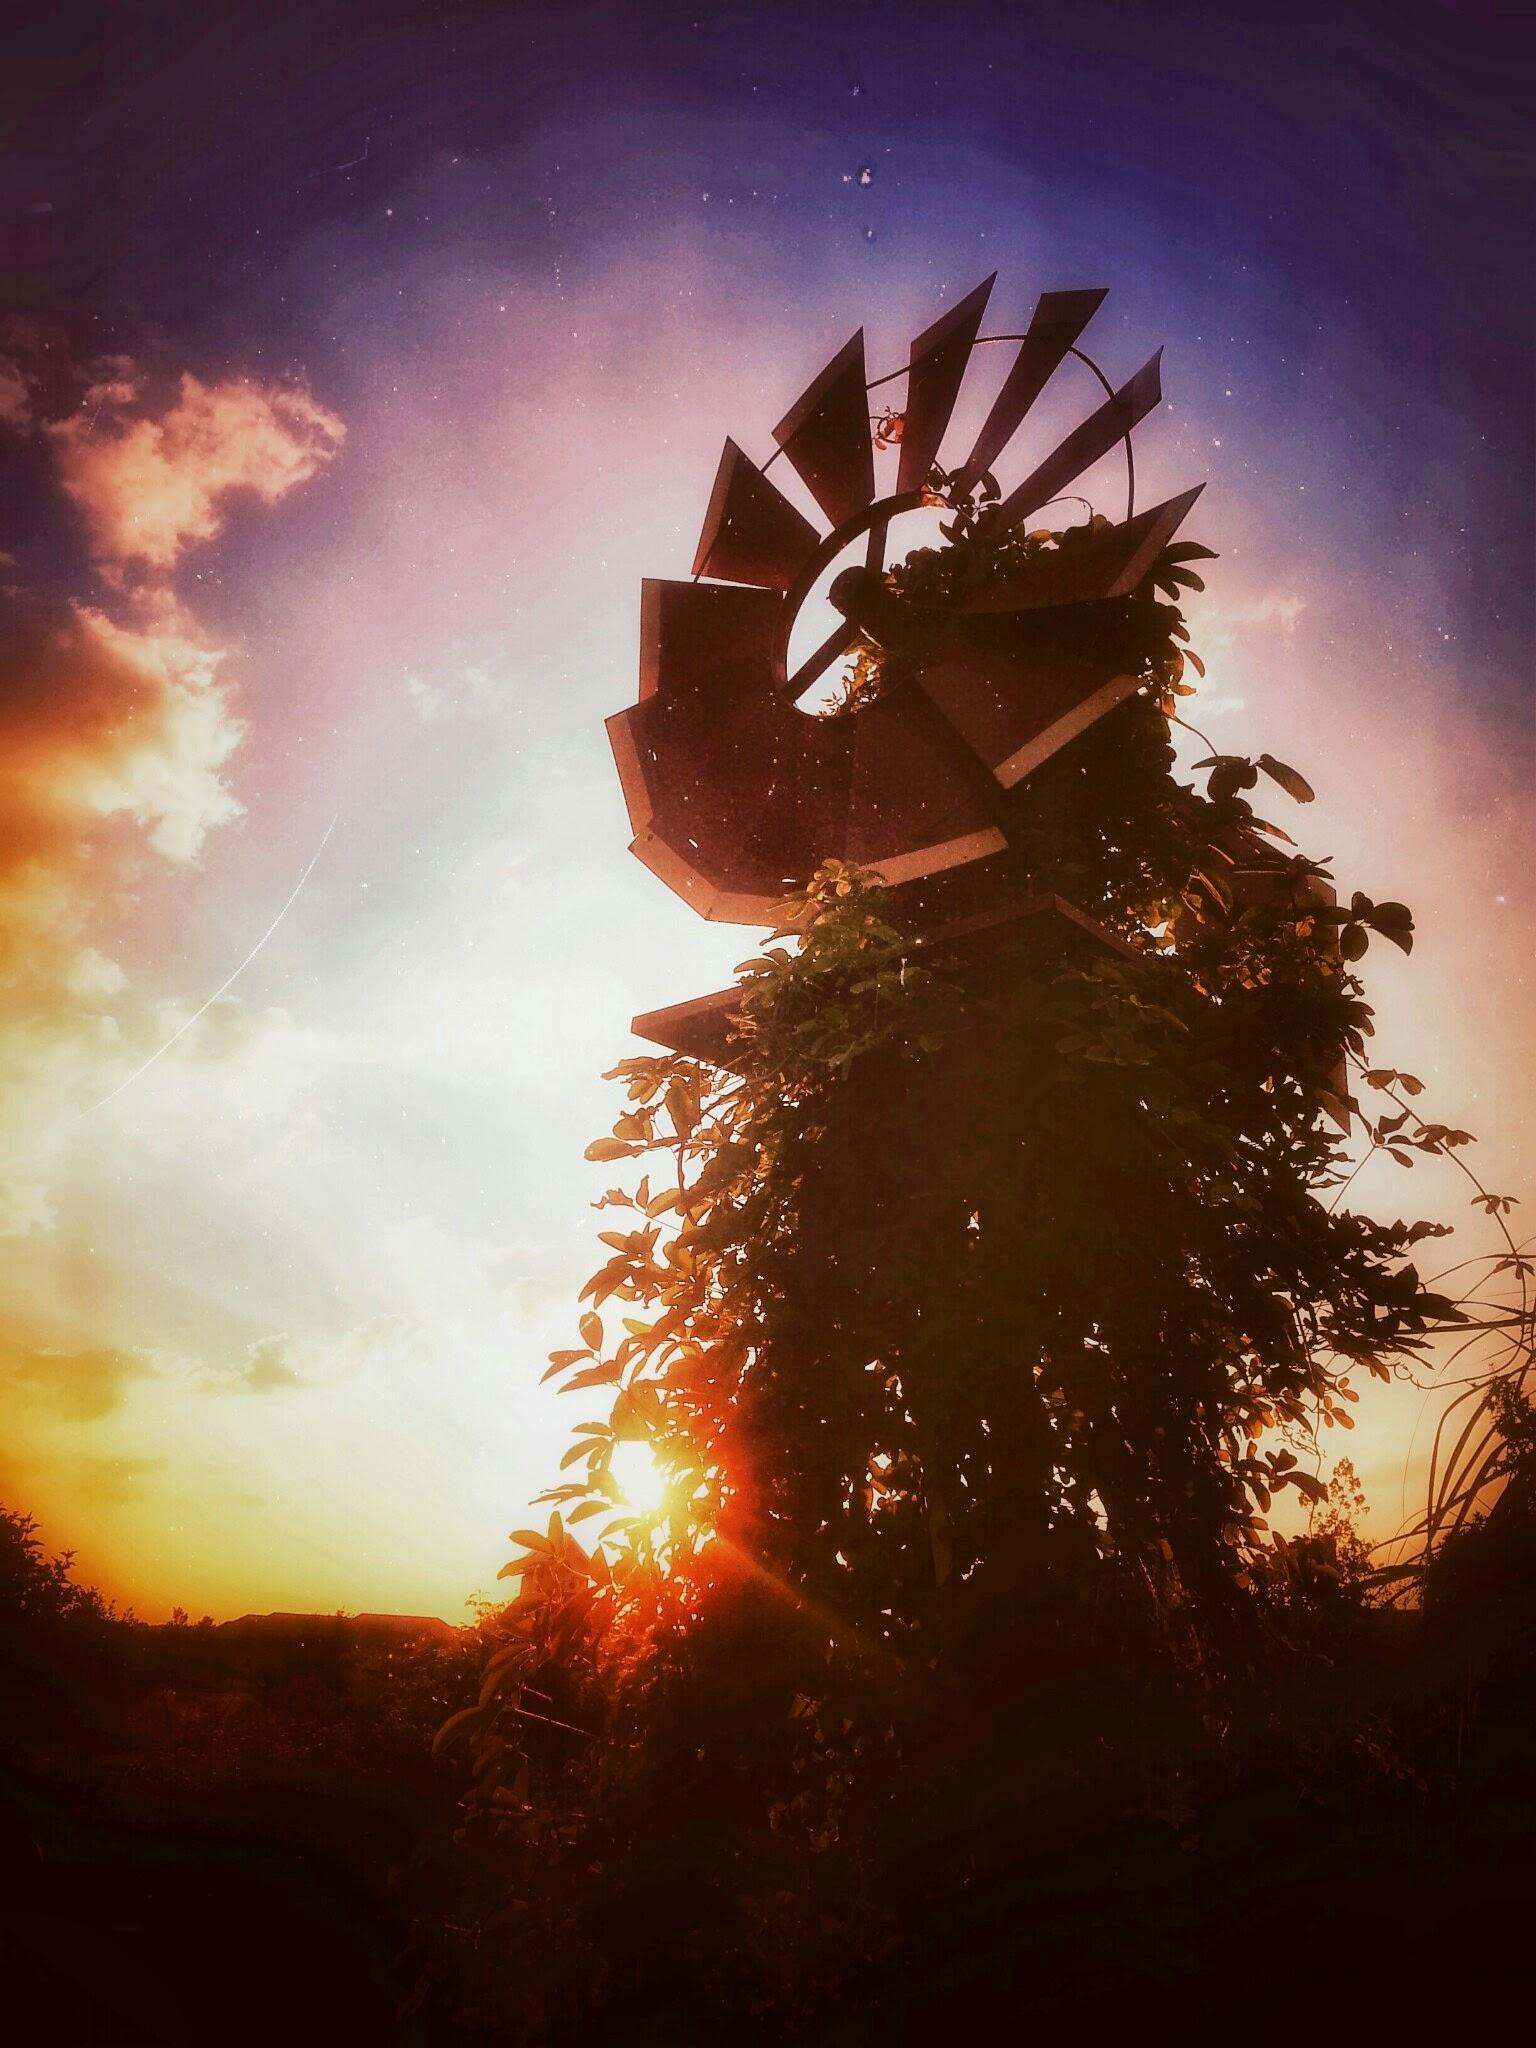 Windmill, windmill